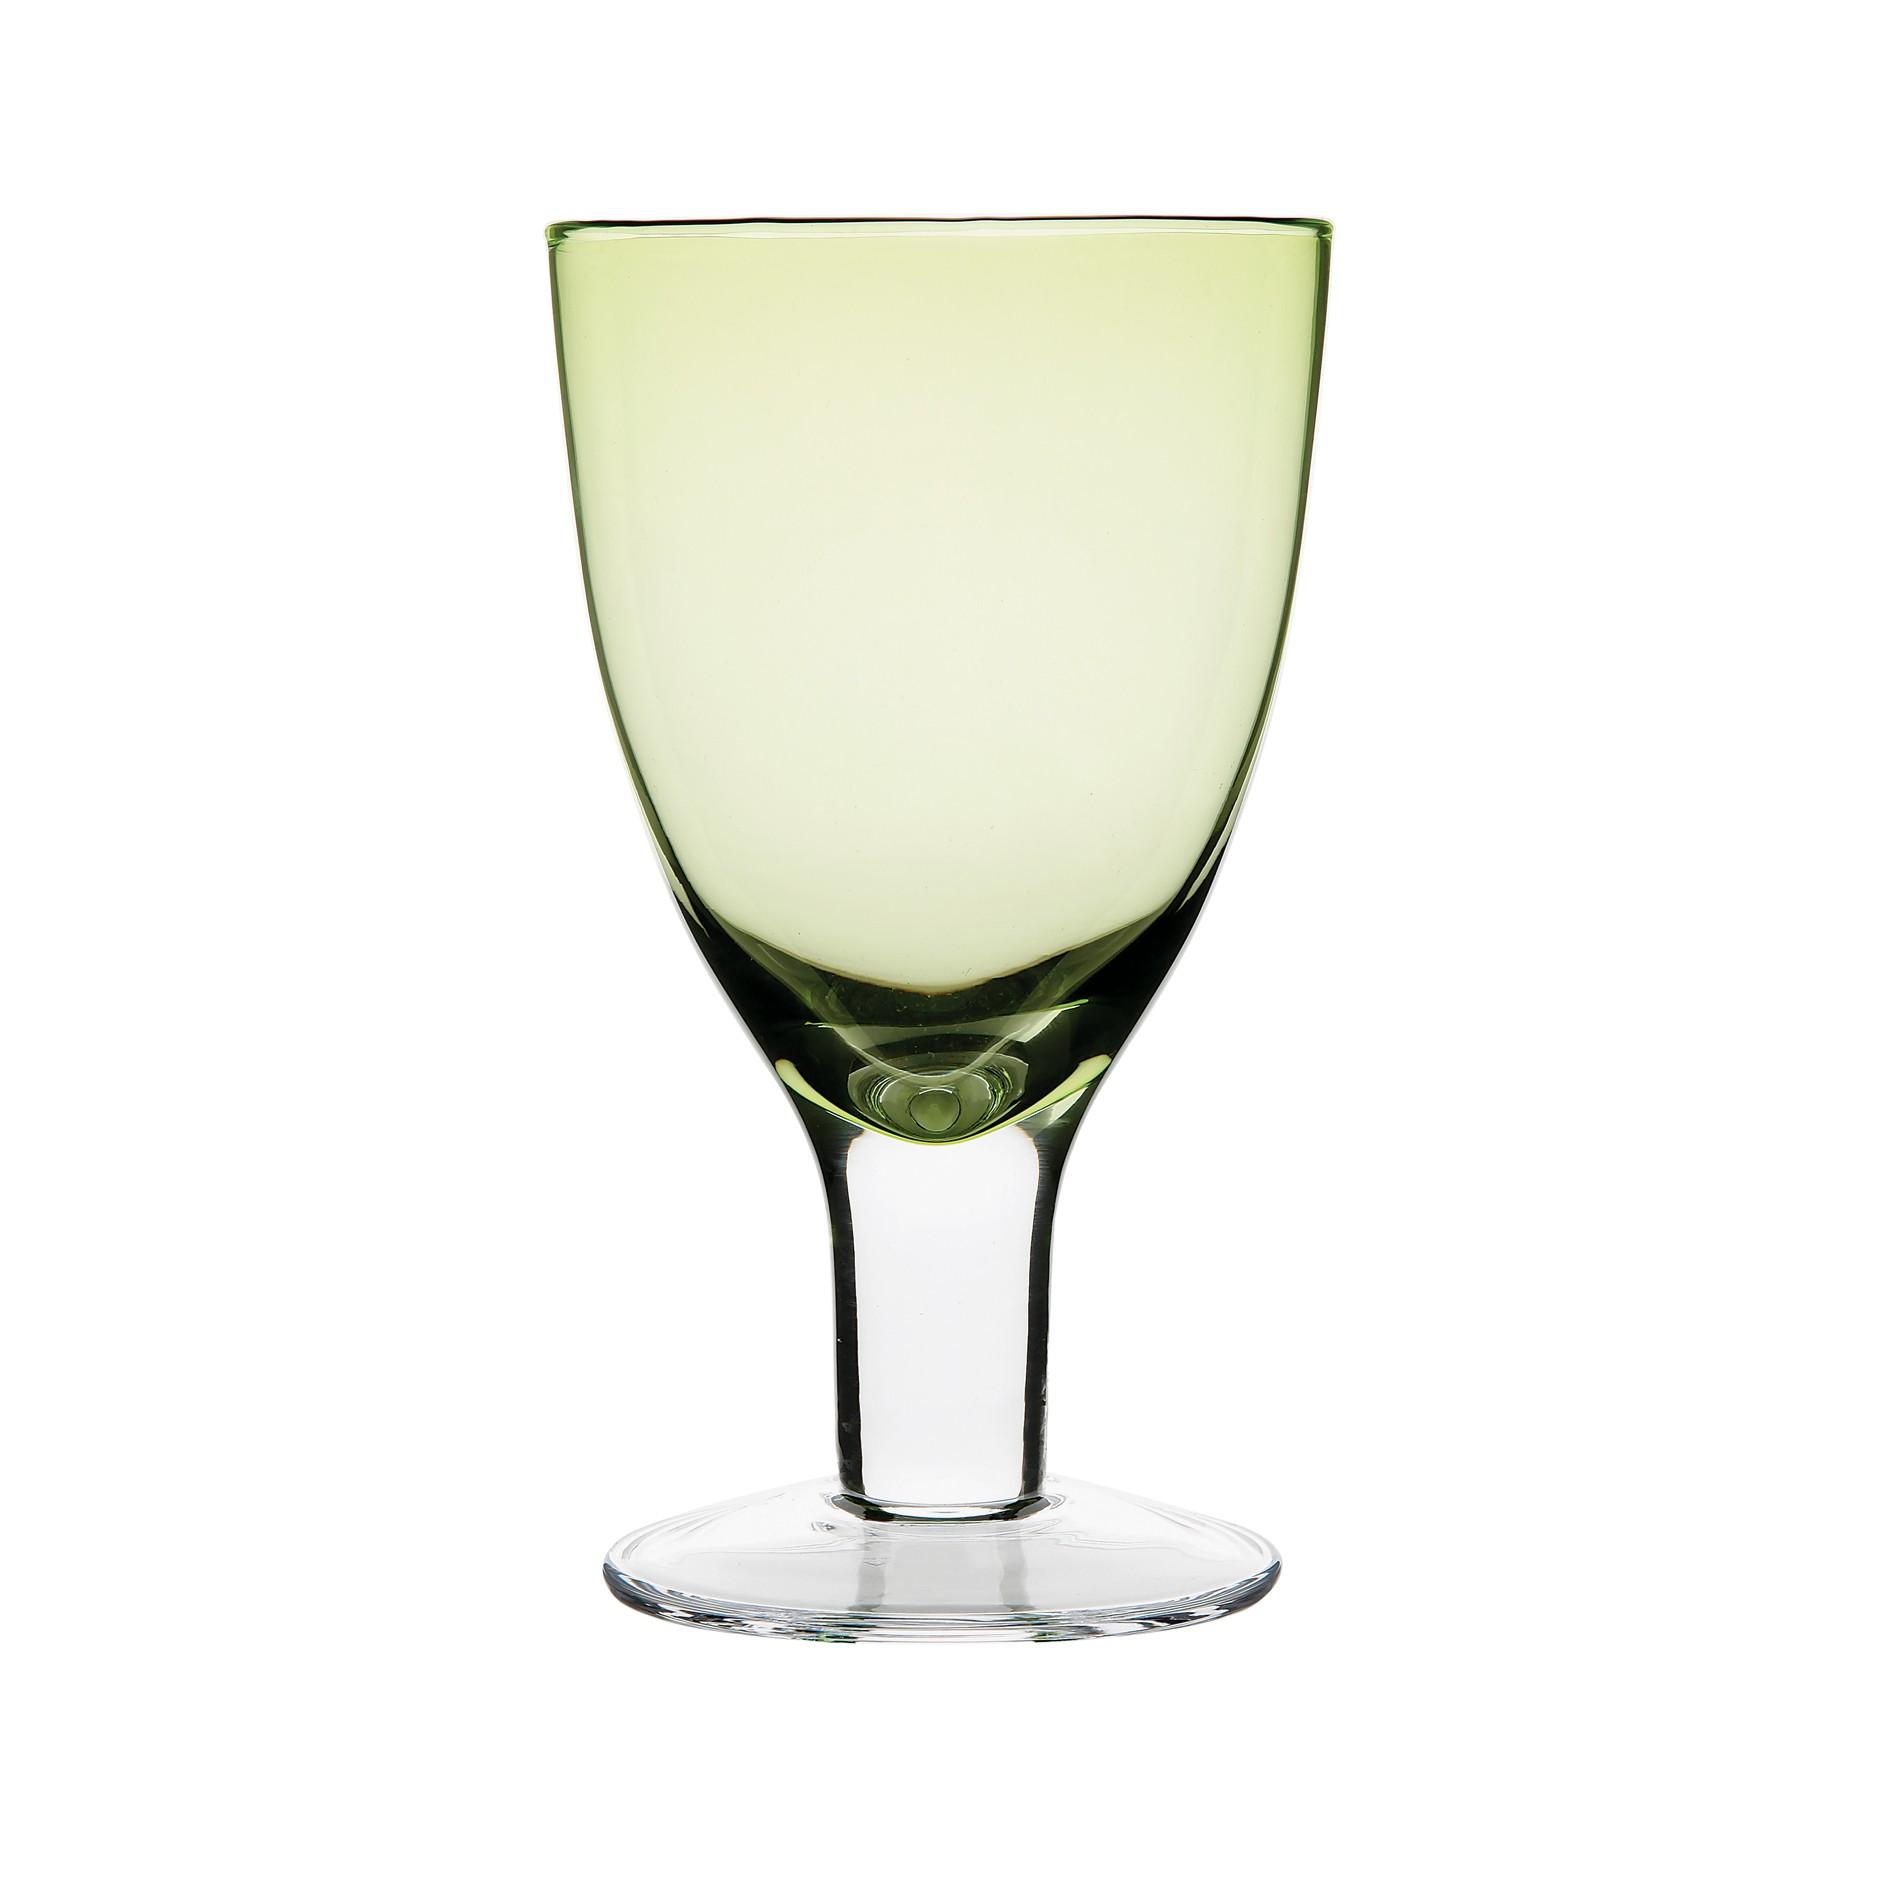 Ποτήρι Κρασιού Spring Σετ 6Τμχ Πράσινο 250ml Ionia